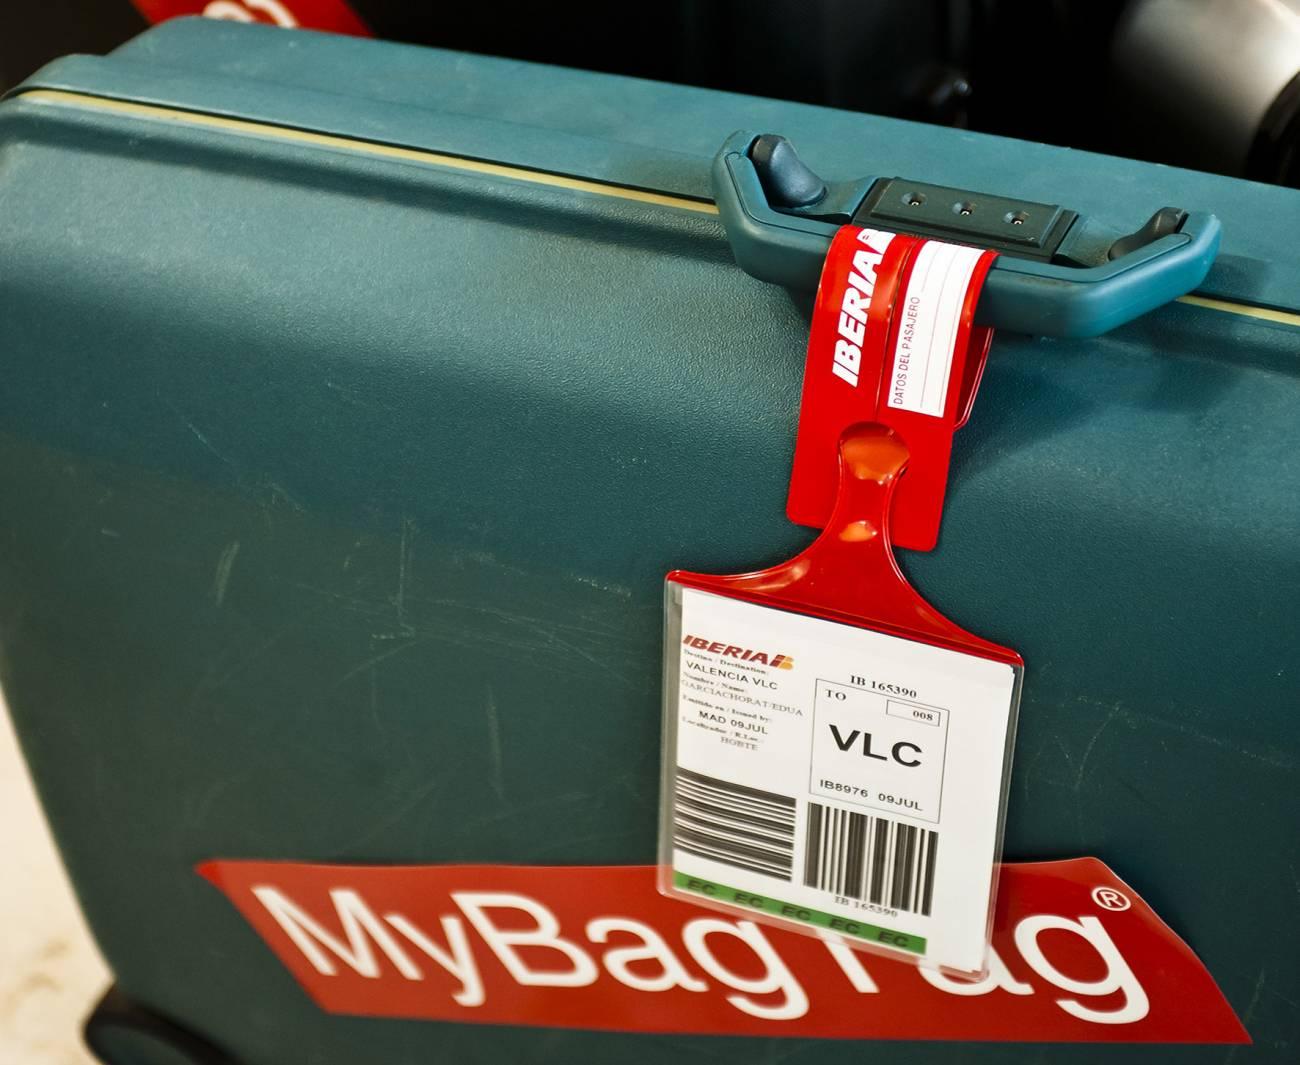 Los viajeros solo tendrán que depositar las maletas en los mostradores de entrega rápida. /Iberia